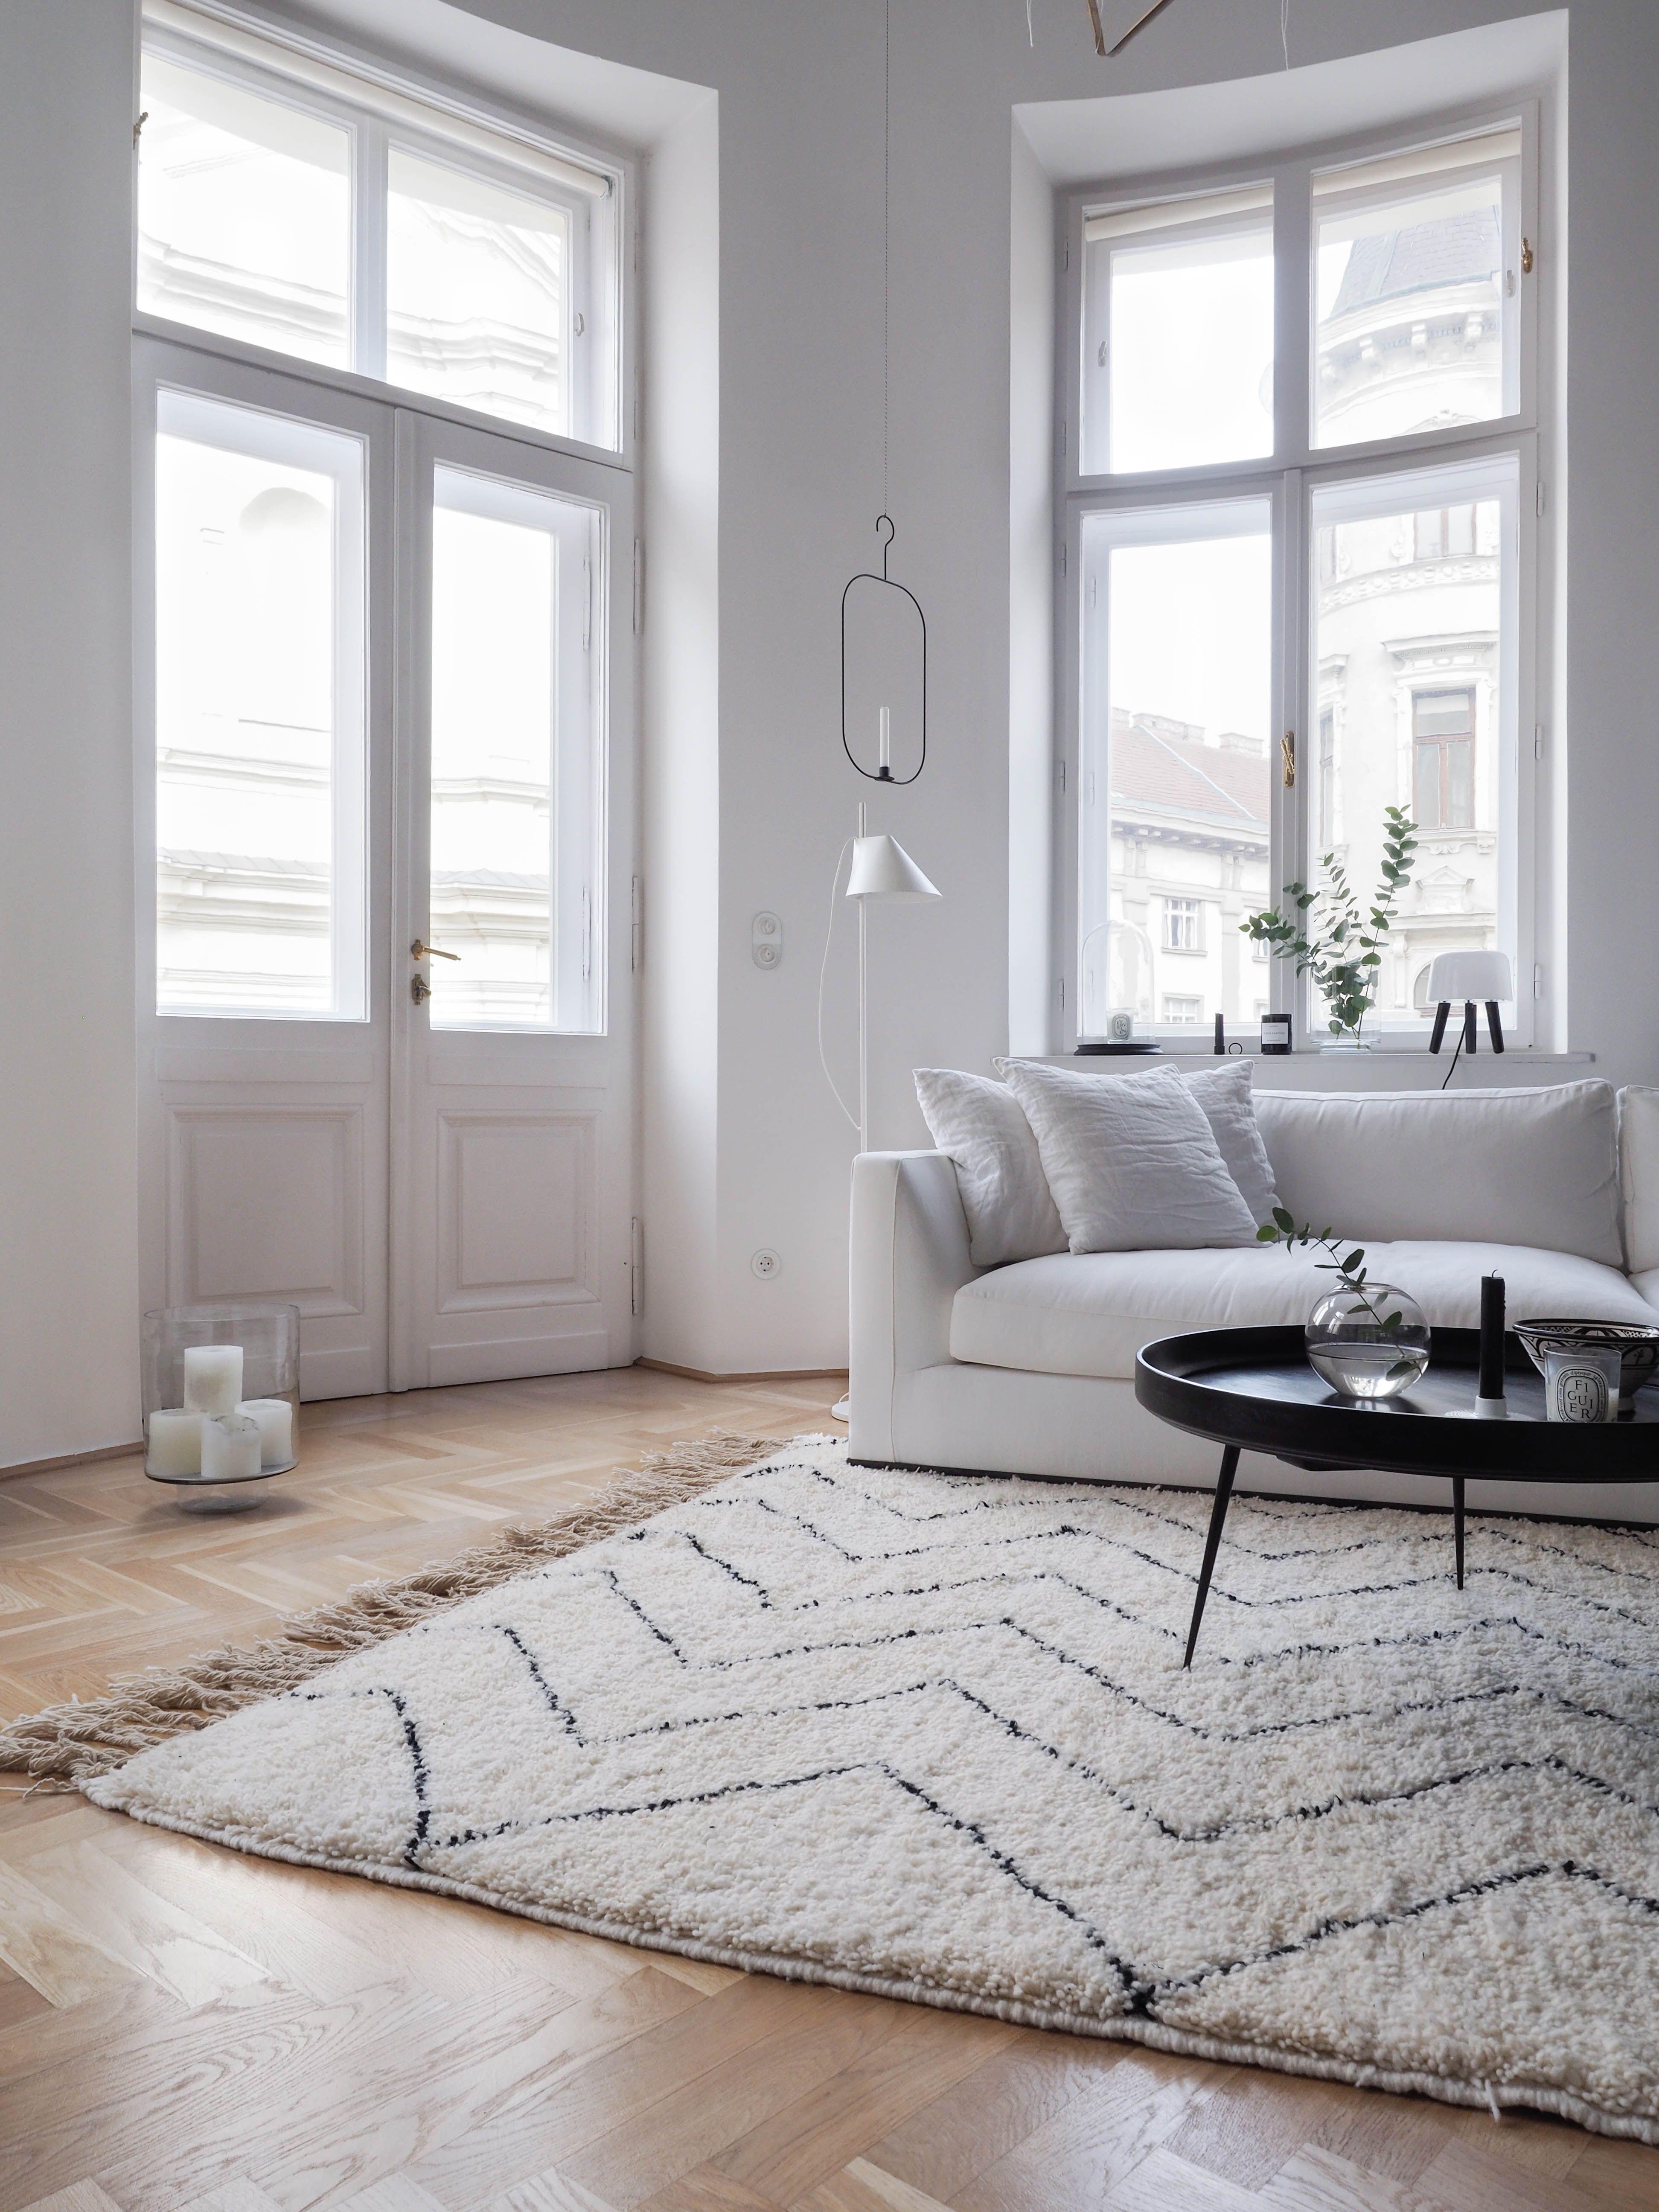 Mein Neuer Original Beni Ourain Teppich Von Touda Aus Marokko Teppich Wohnzimmer Wohnzimmer Teppich Teppichfarben